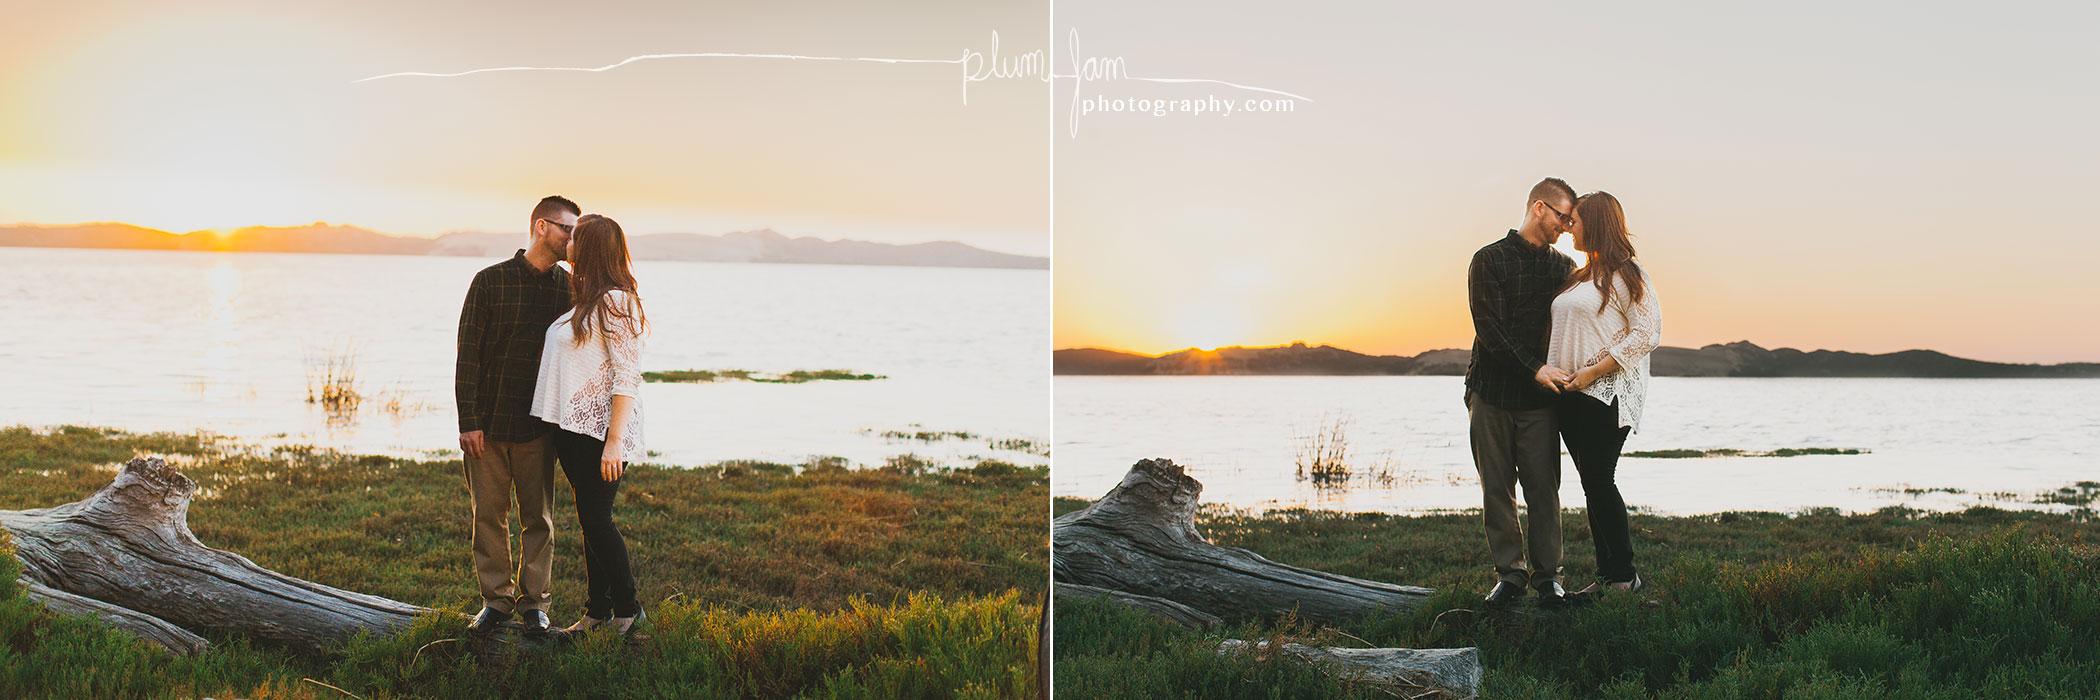 MollyDan-13-PlumJamPhotography